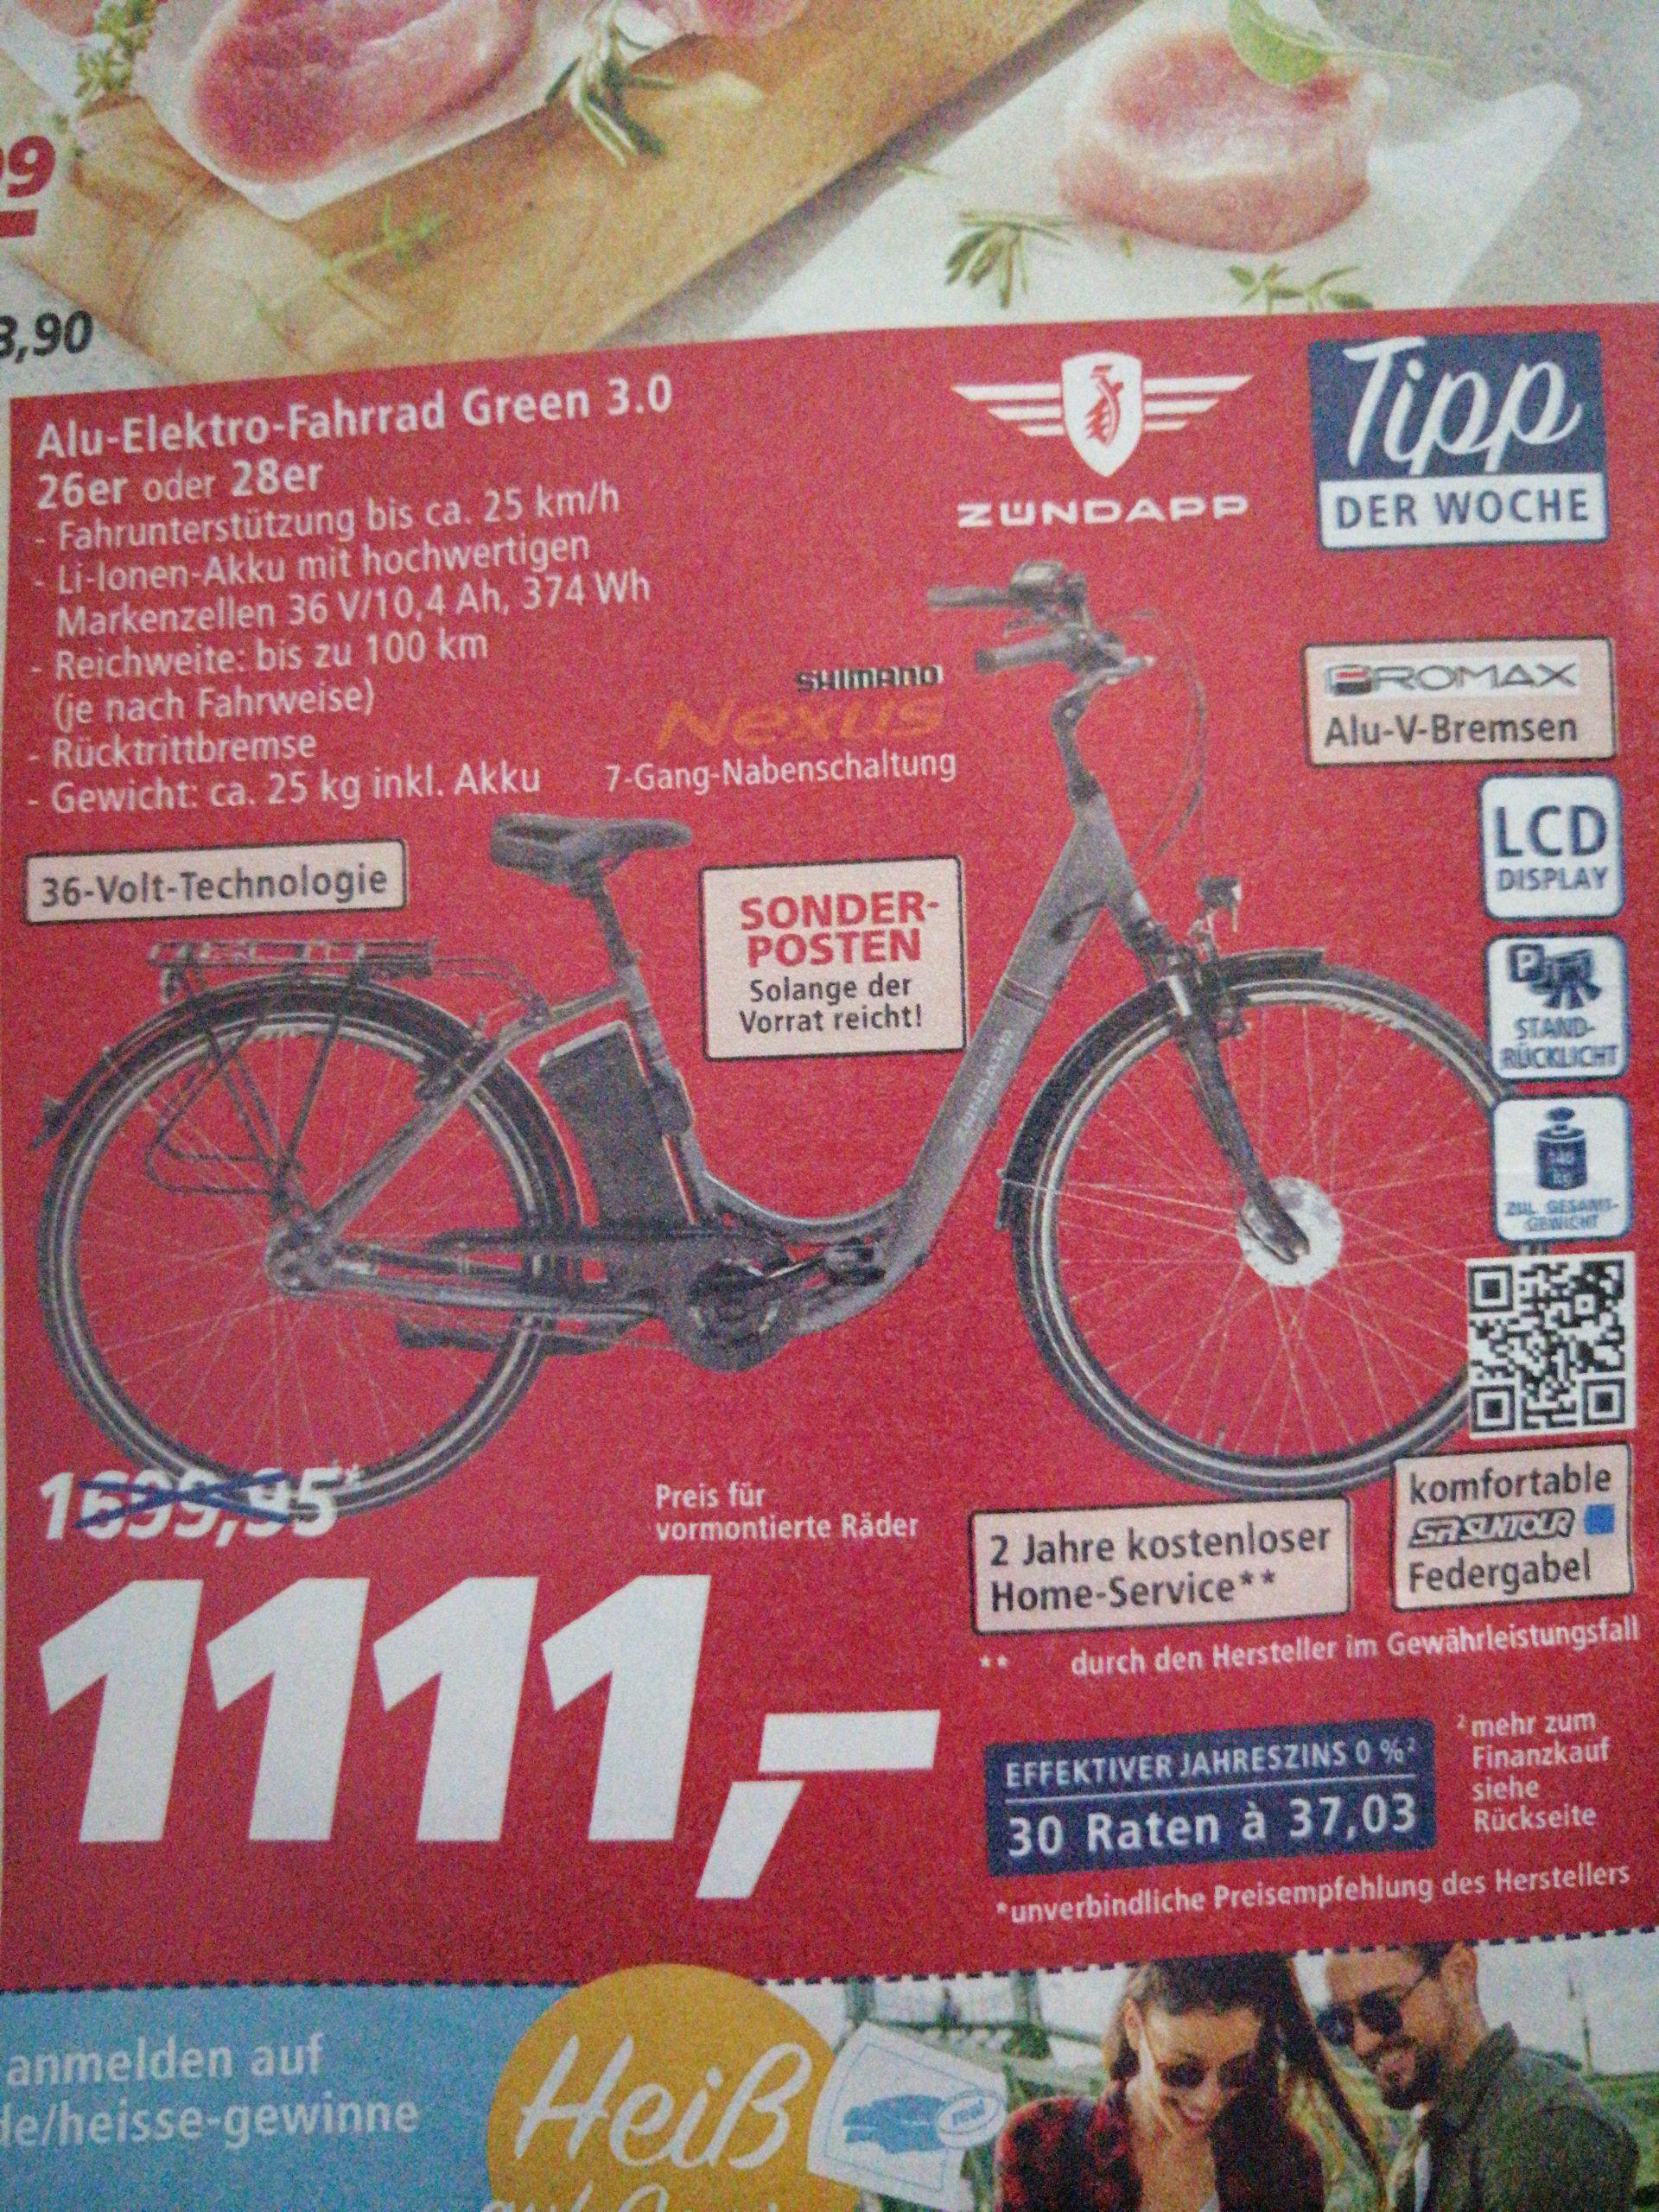 Alu elektro-fahrrad green 3.0